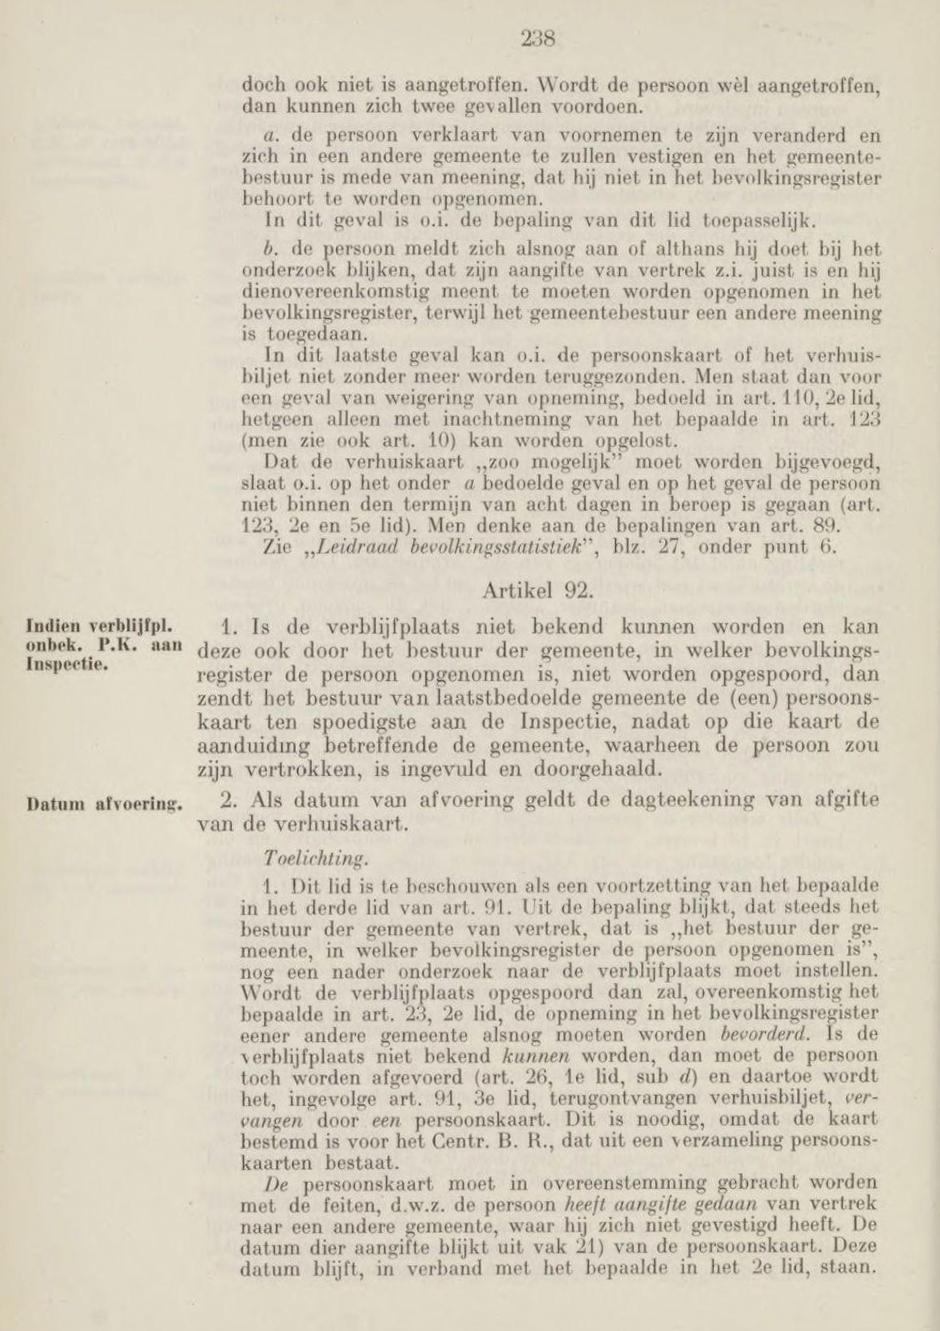 Voorbeeld uit de Handleiding Bevolkingsboekhouding.